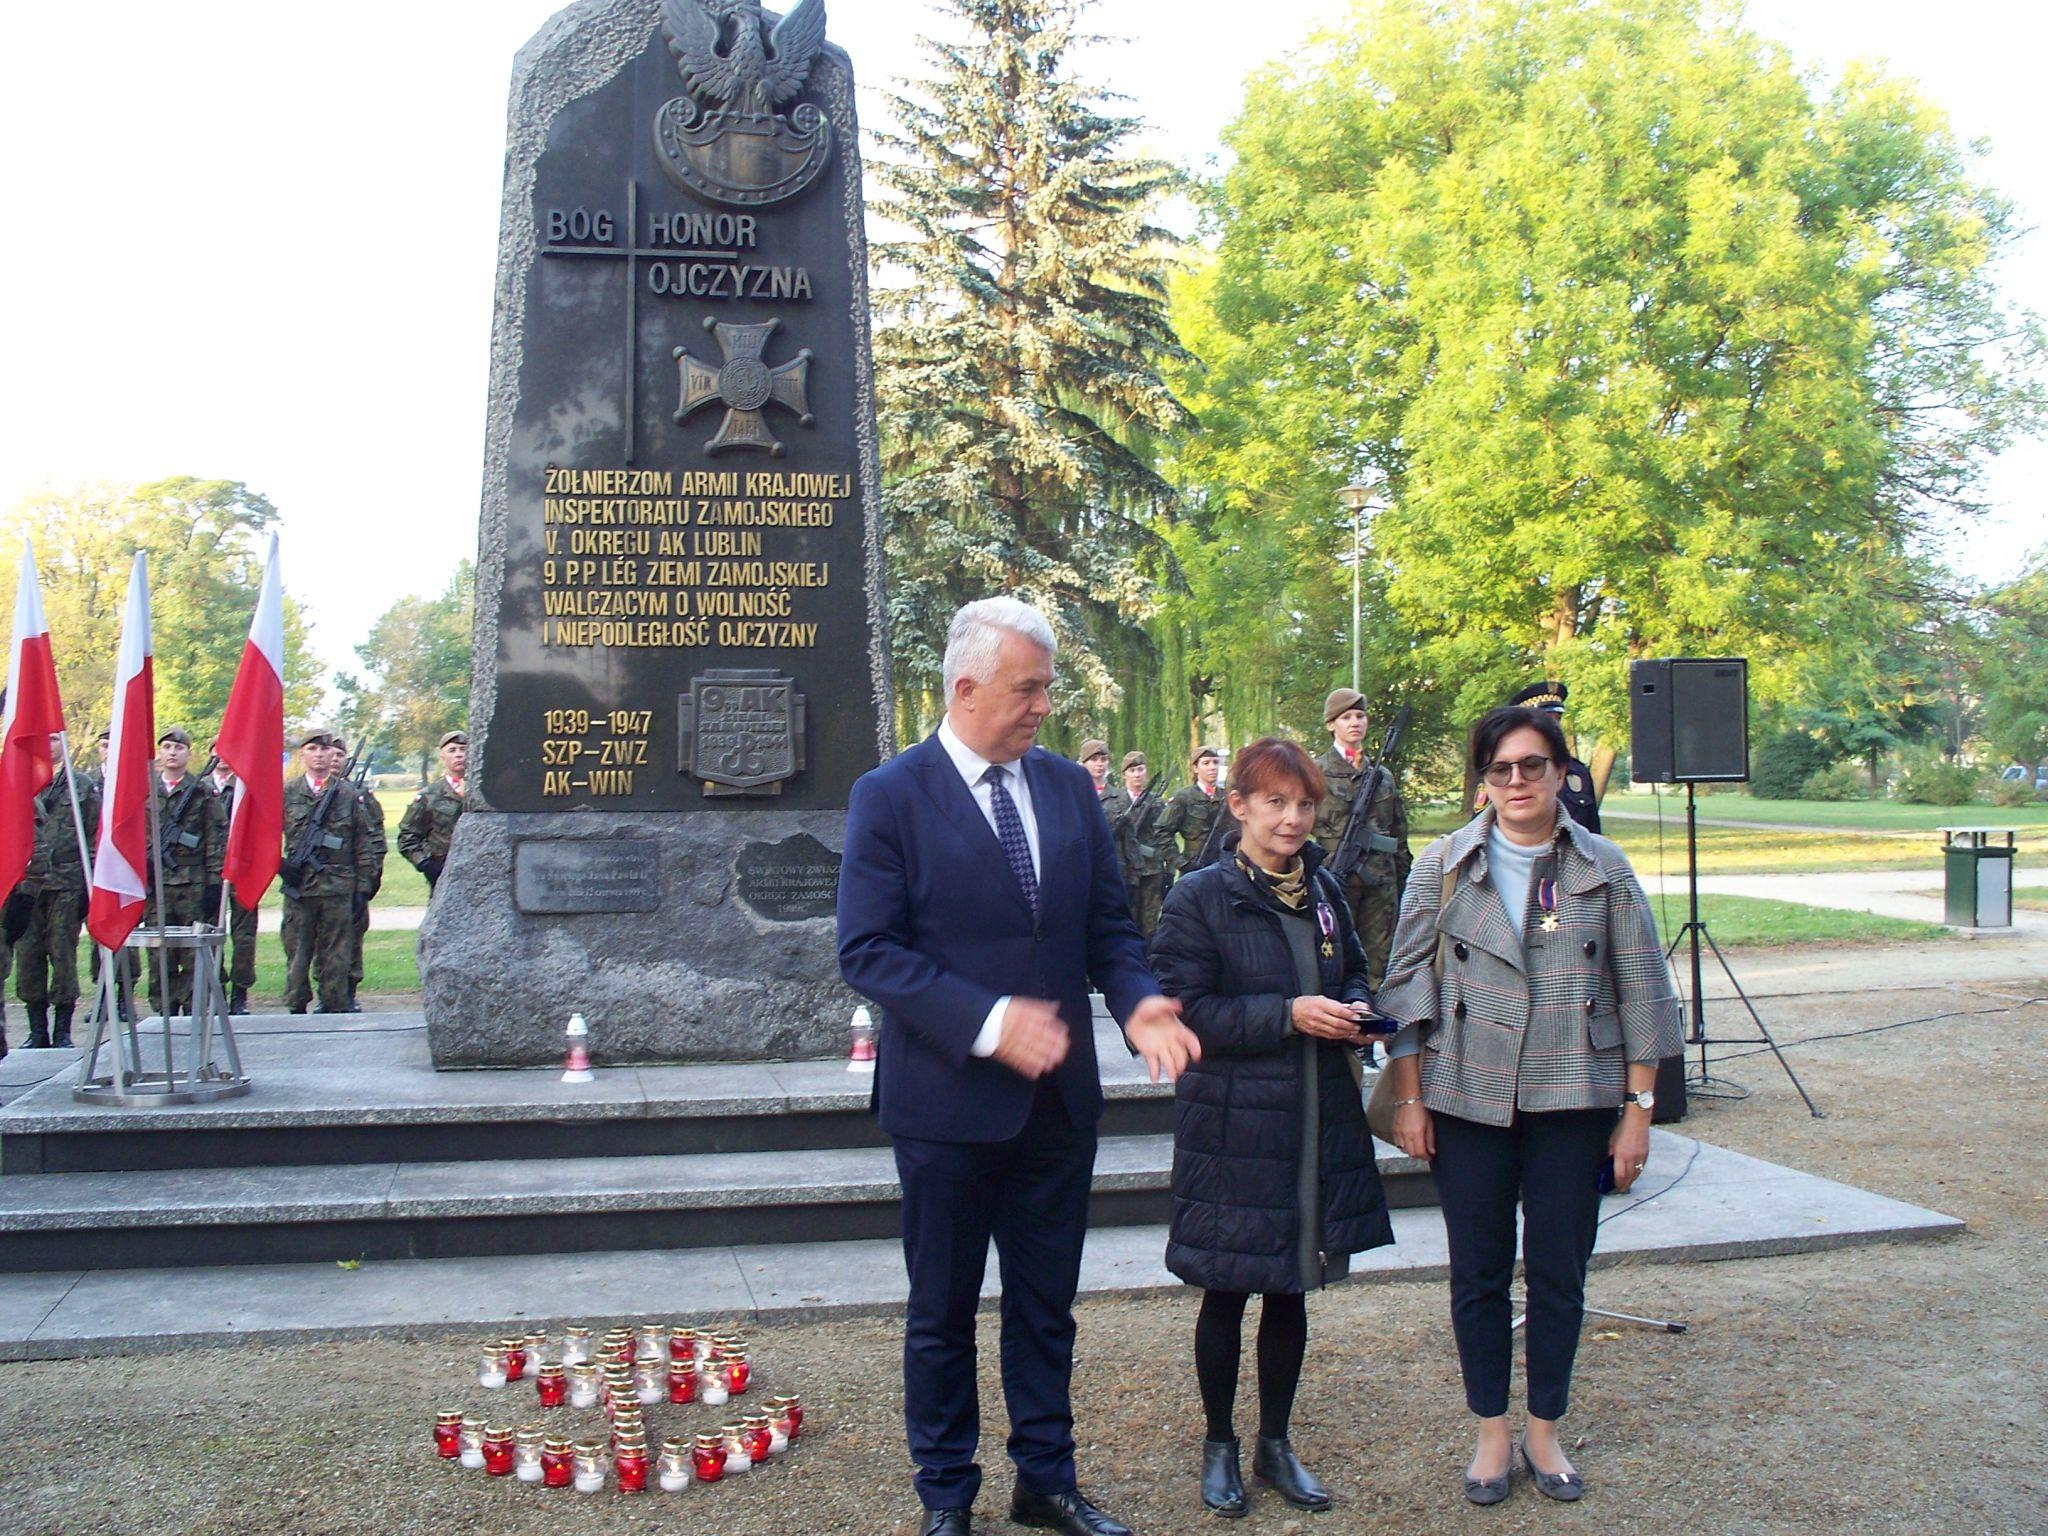 100 9686 Zamość: Obchody 80. rocznicypowstania Polskiego Państwa Podziemnego [ZDJĘCIA]